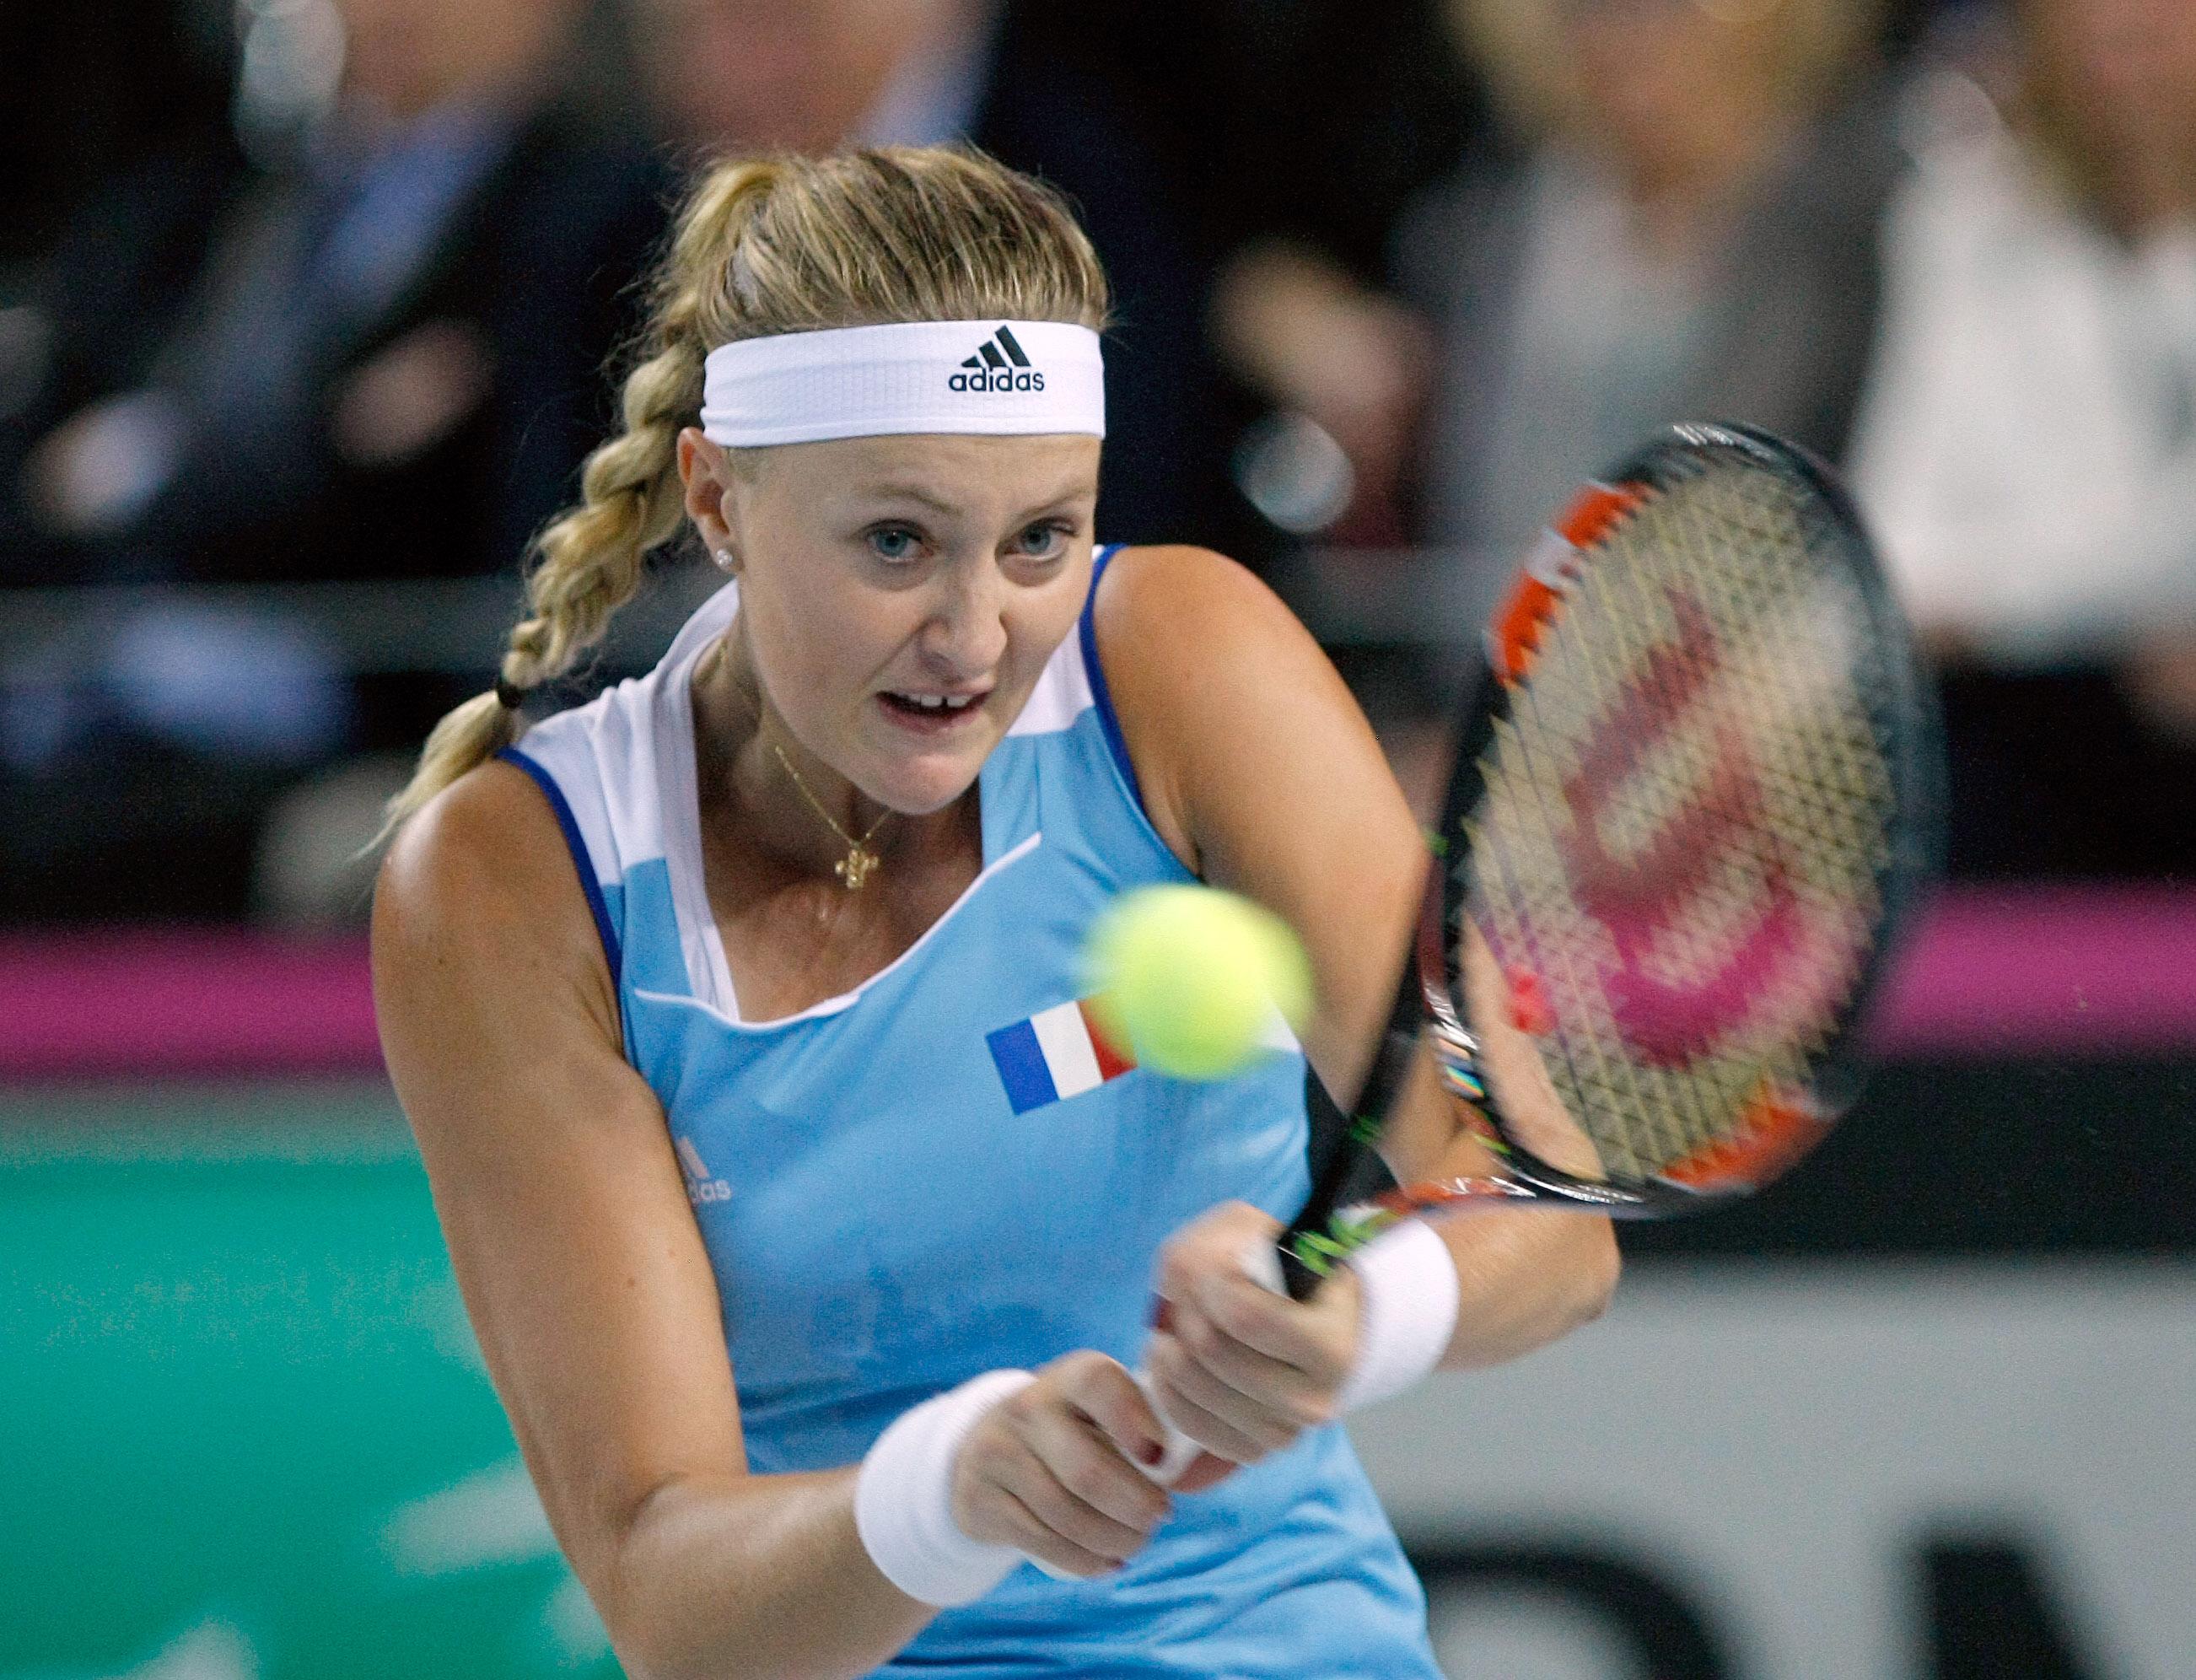 Tennis - Fed Cup - Mladenovic a mis de l'ordre dans sa tête